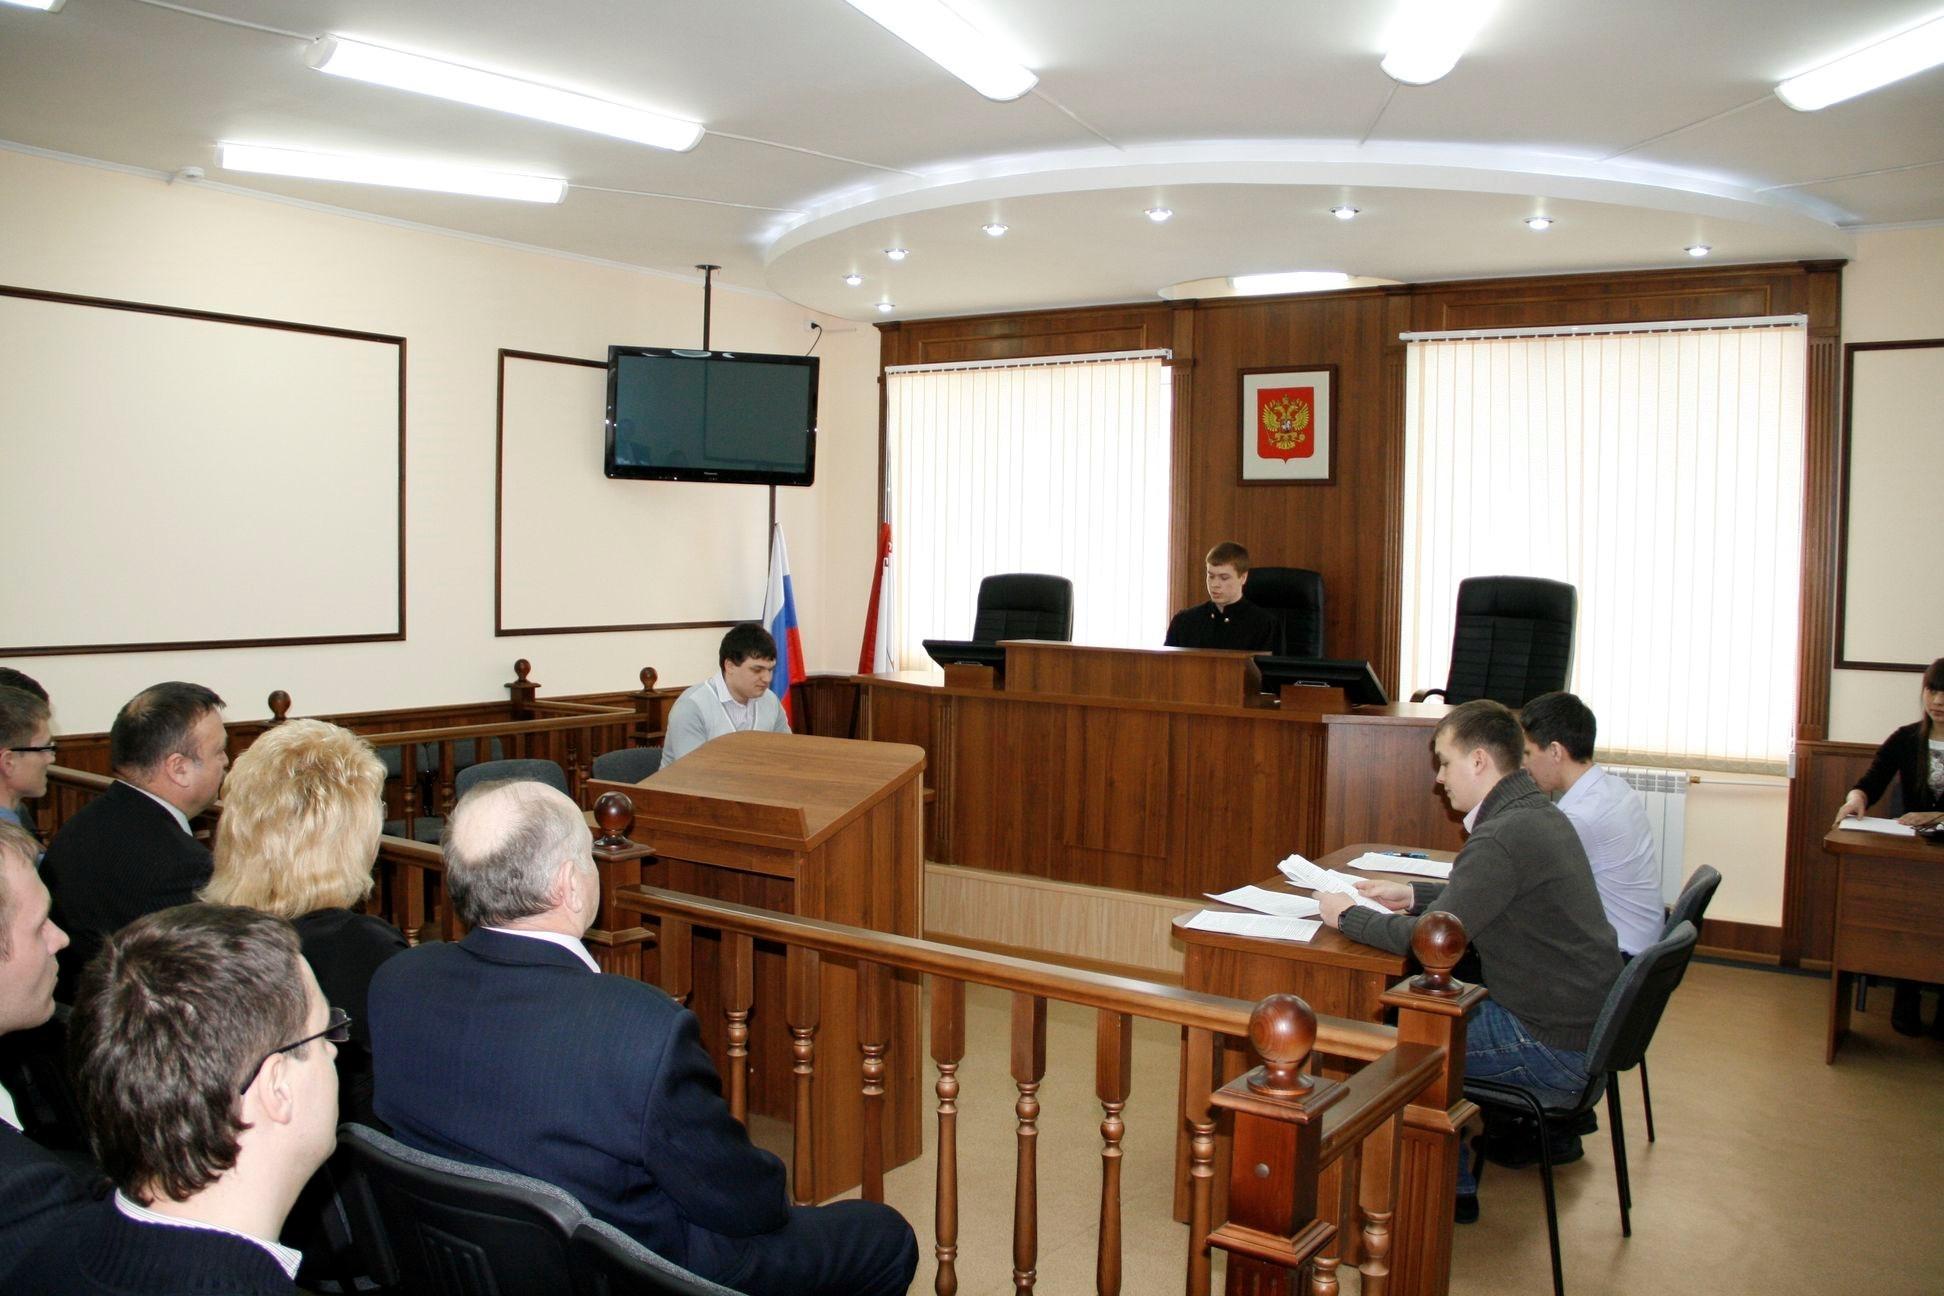 Рассмотрение судебного дела без участия истца